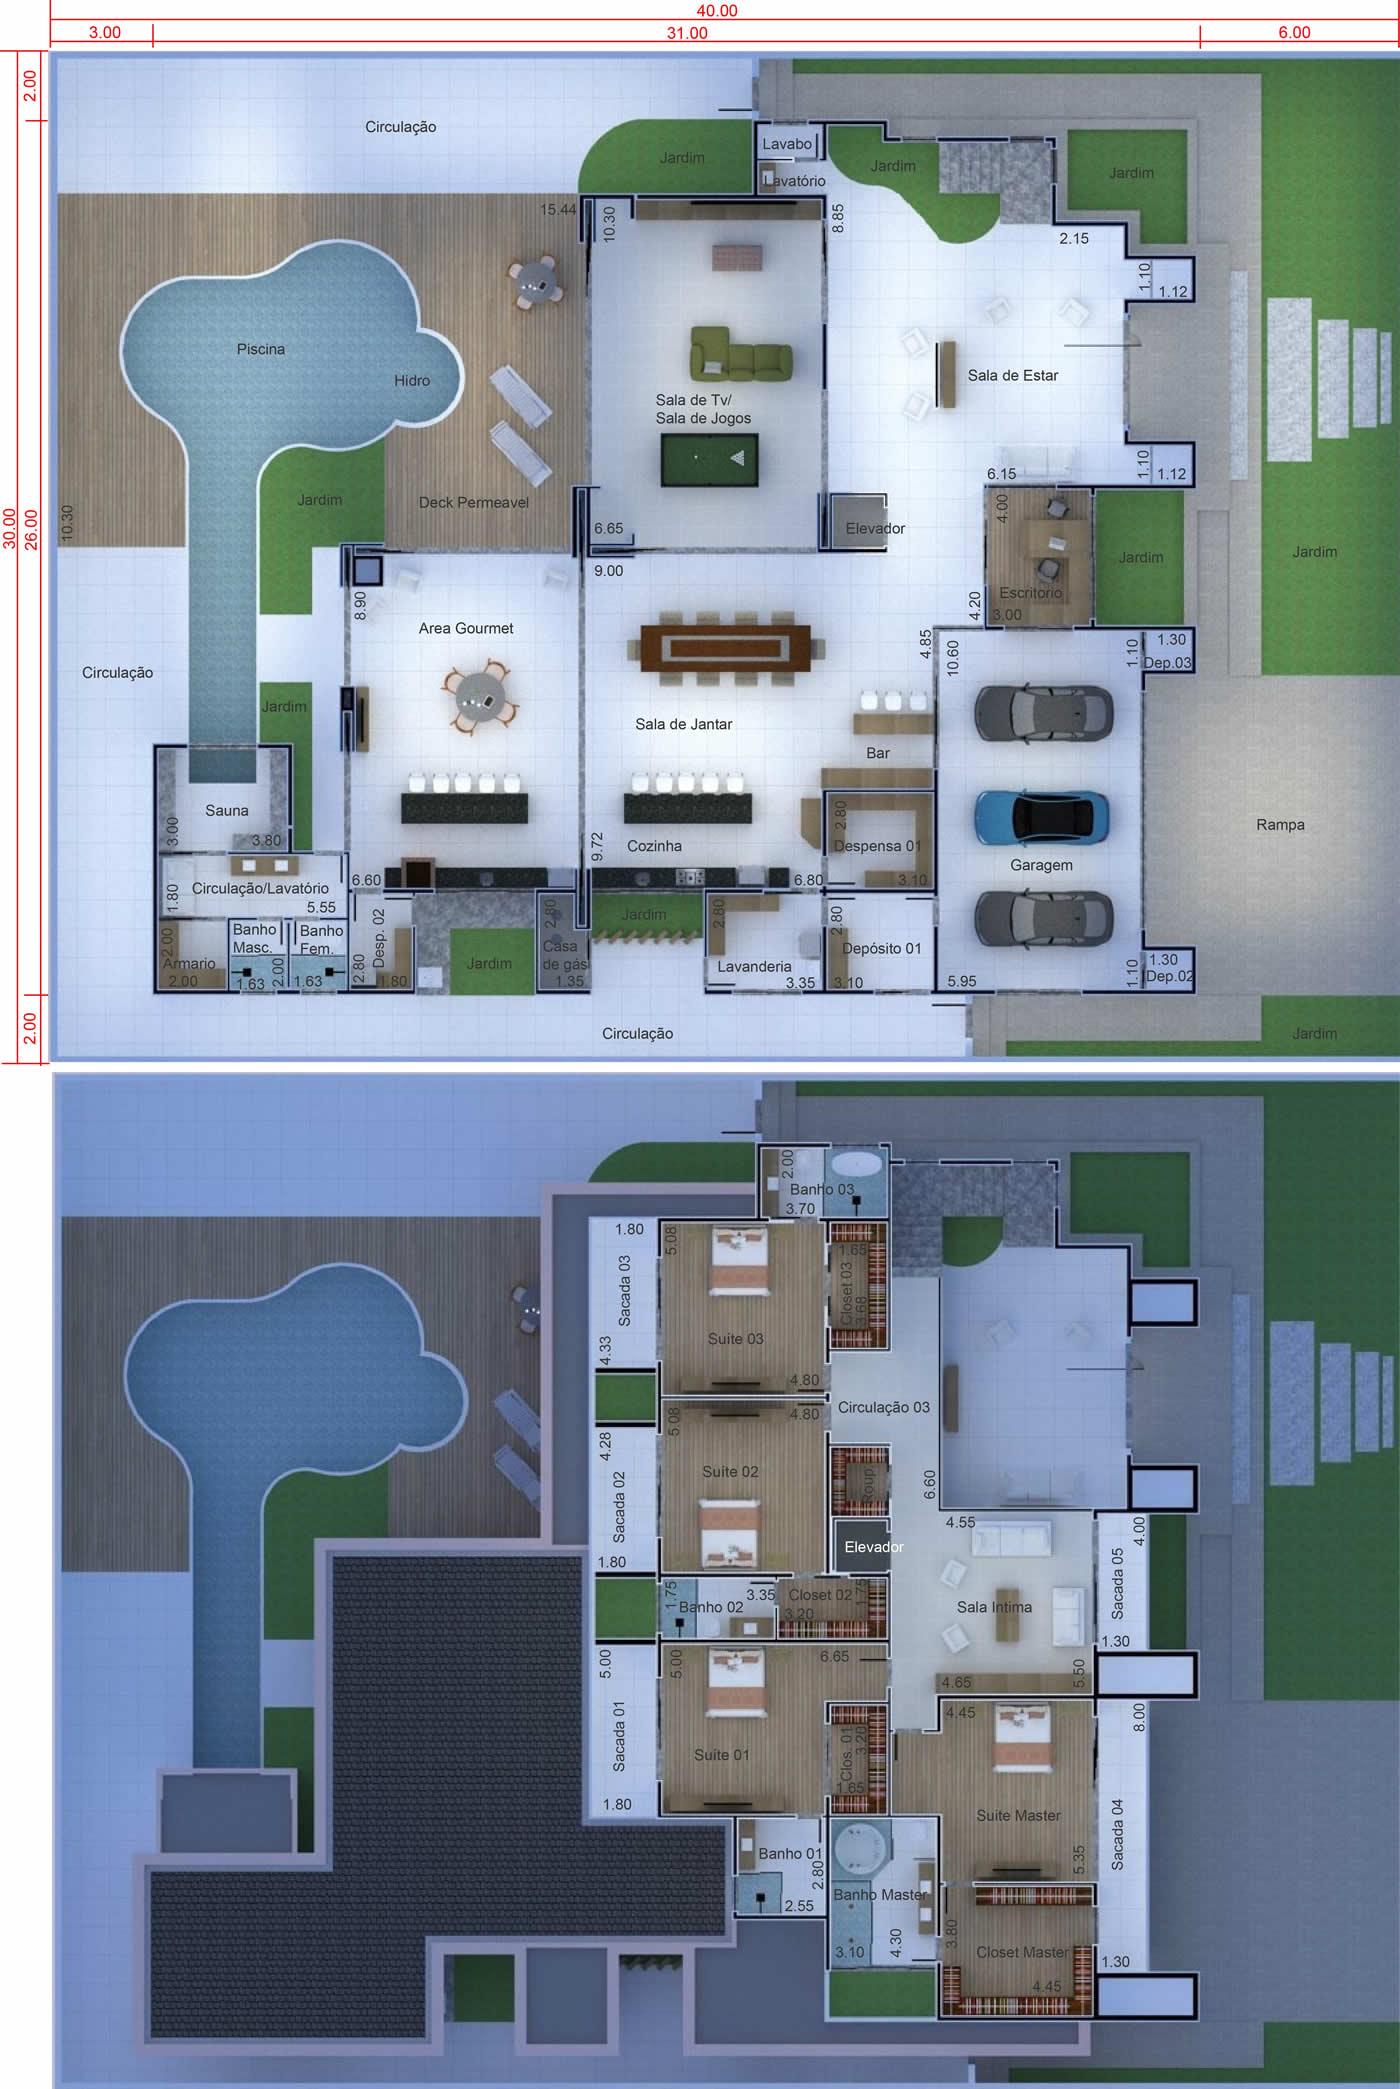 Projeto de mansão neoclássica. Planta para terreno 30x40